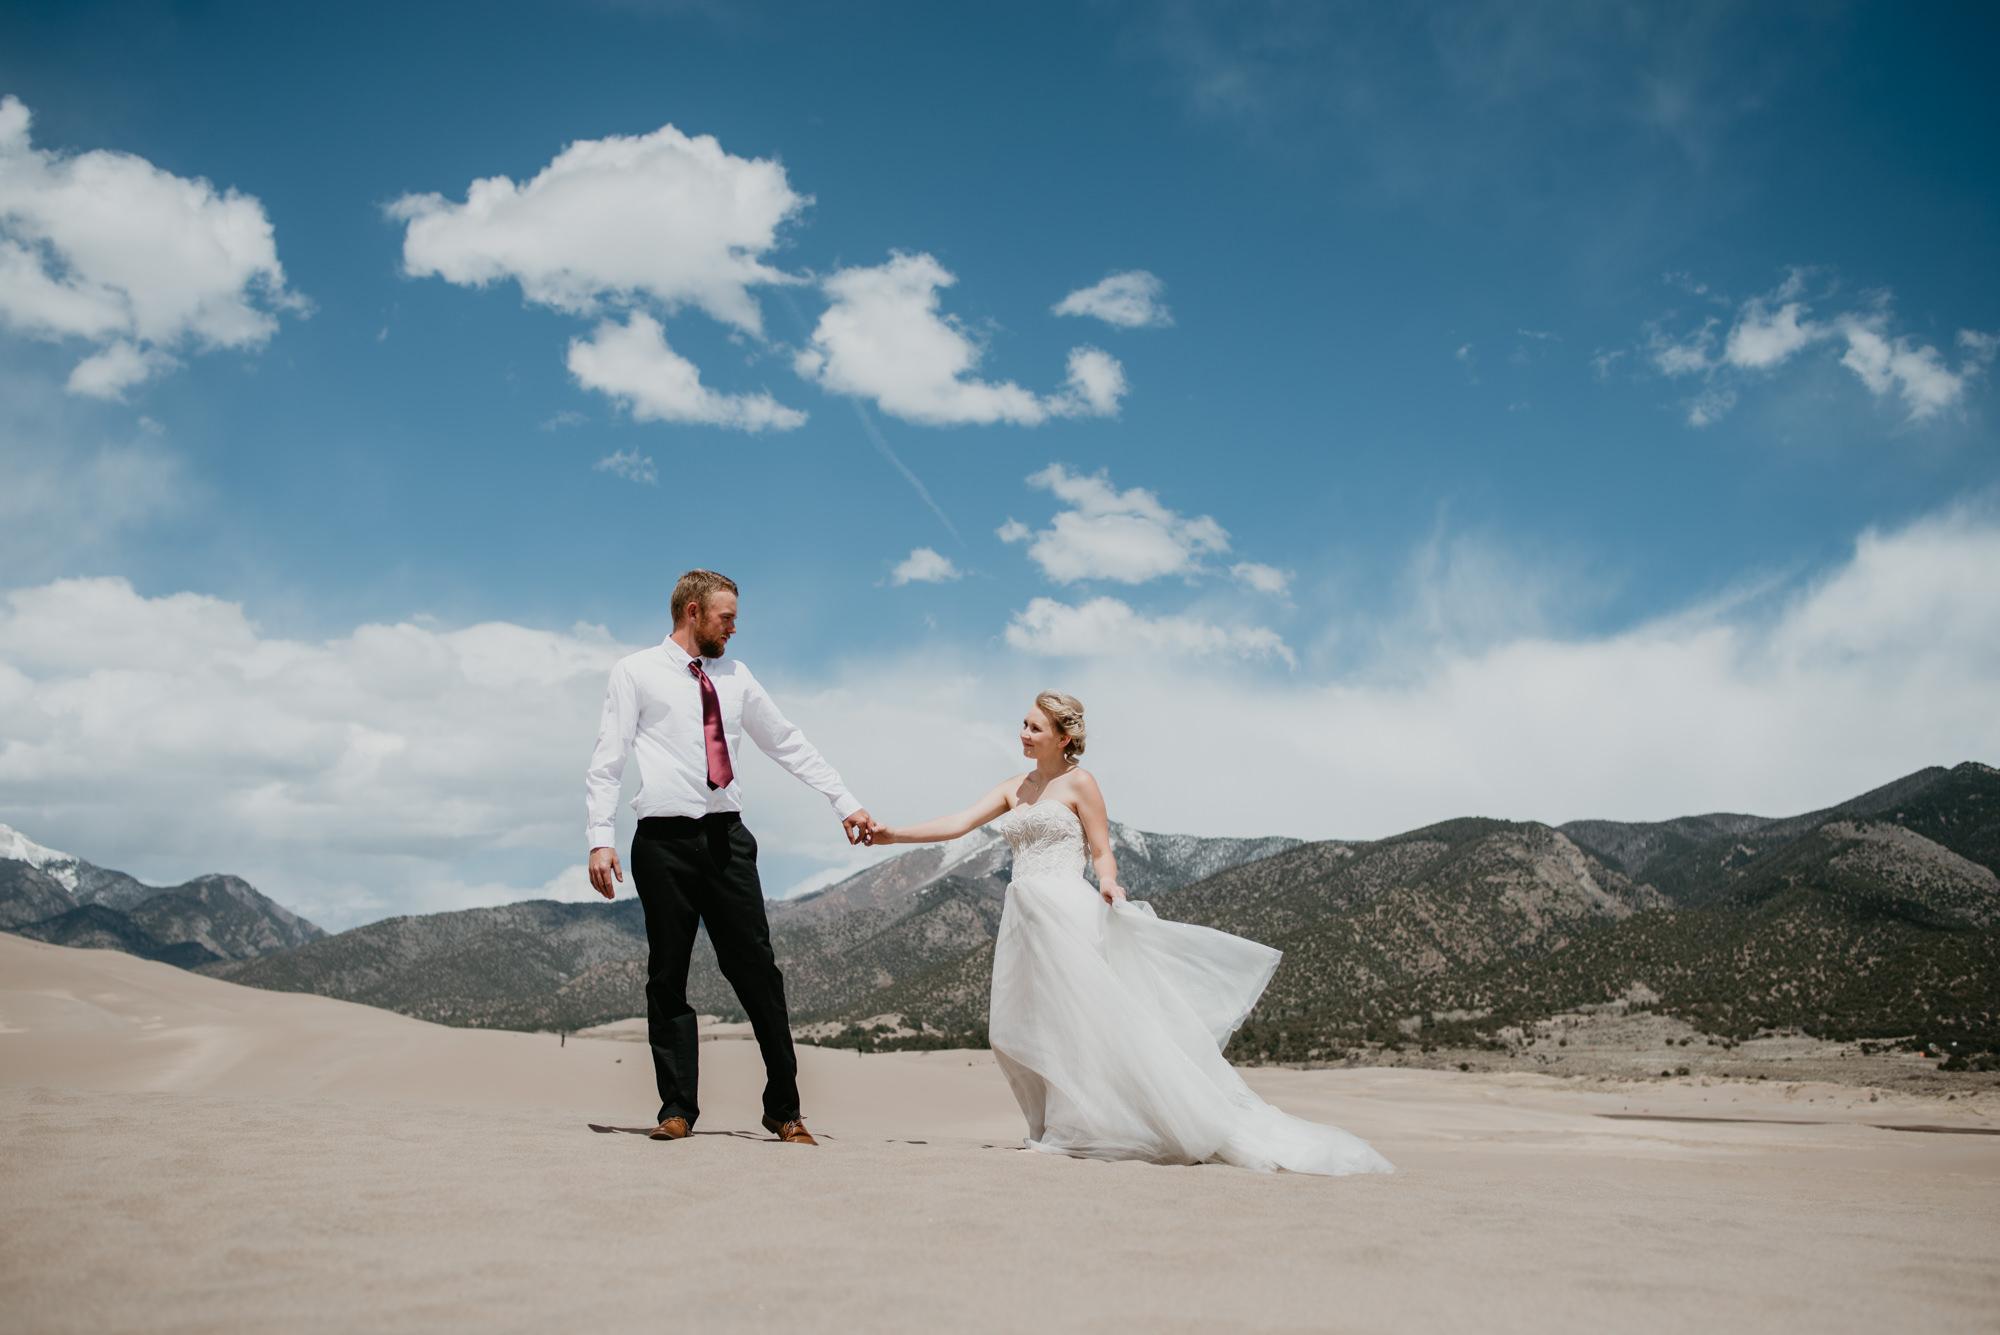 Outdoor wedding venues in Colorado